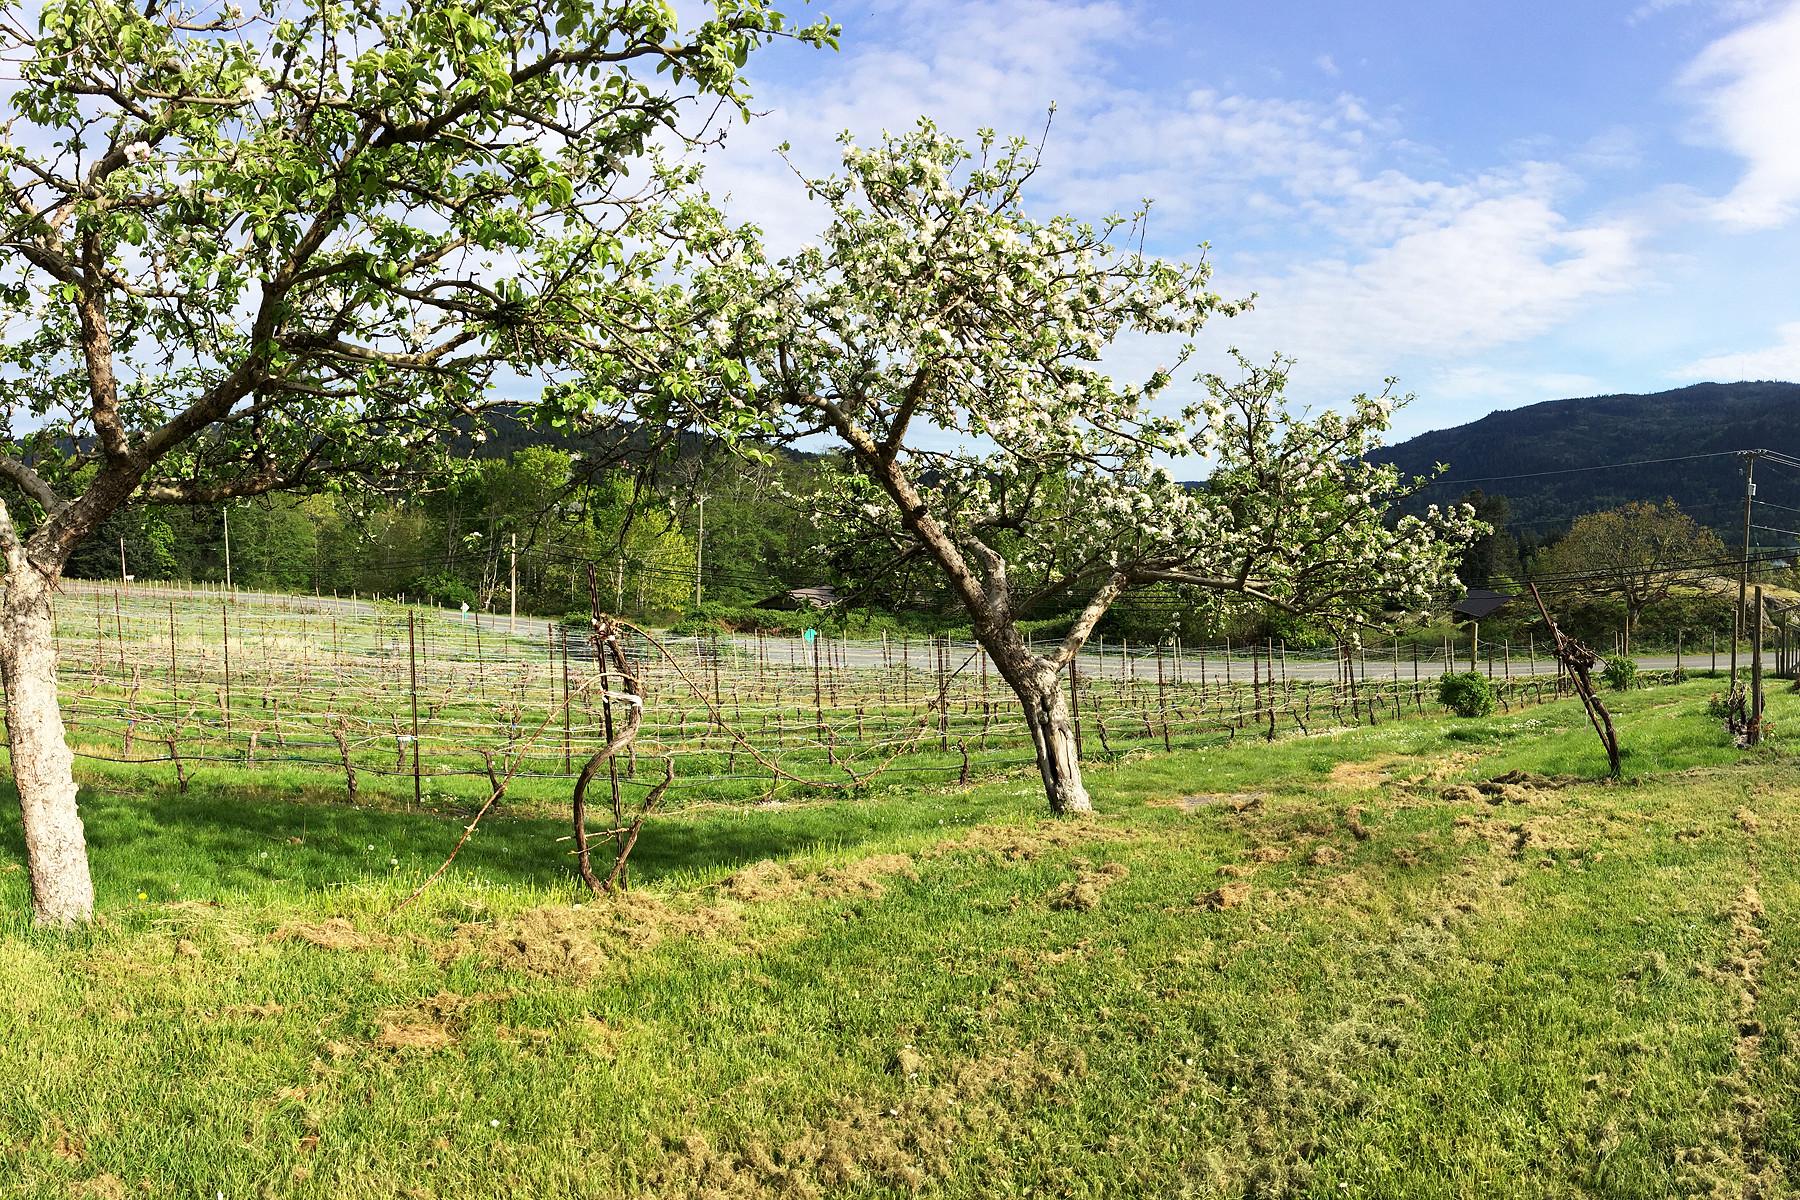 農場/牧場 / プランテーション のために 売買 アット Salt Spring Island Vineyards 151 Lee Road Salt Spring Island, ブリティッシュコロンビア, V8K 2A5 カナダ